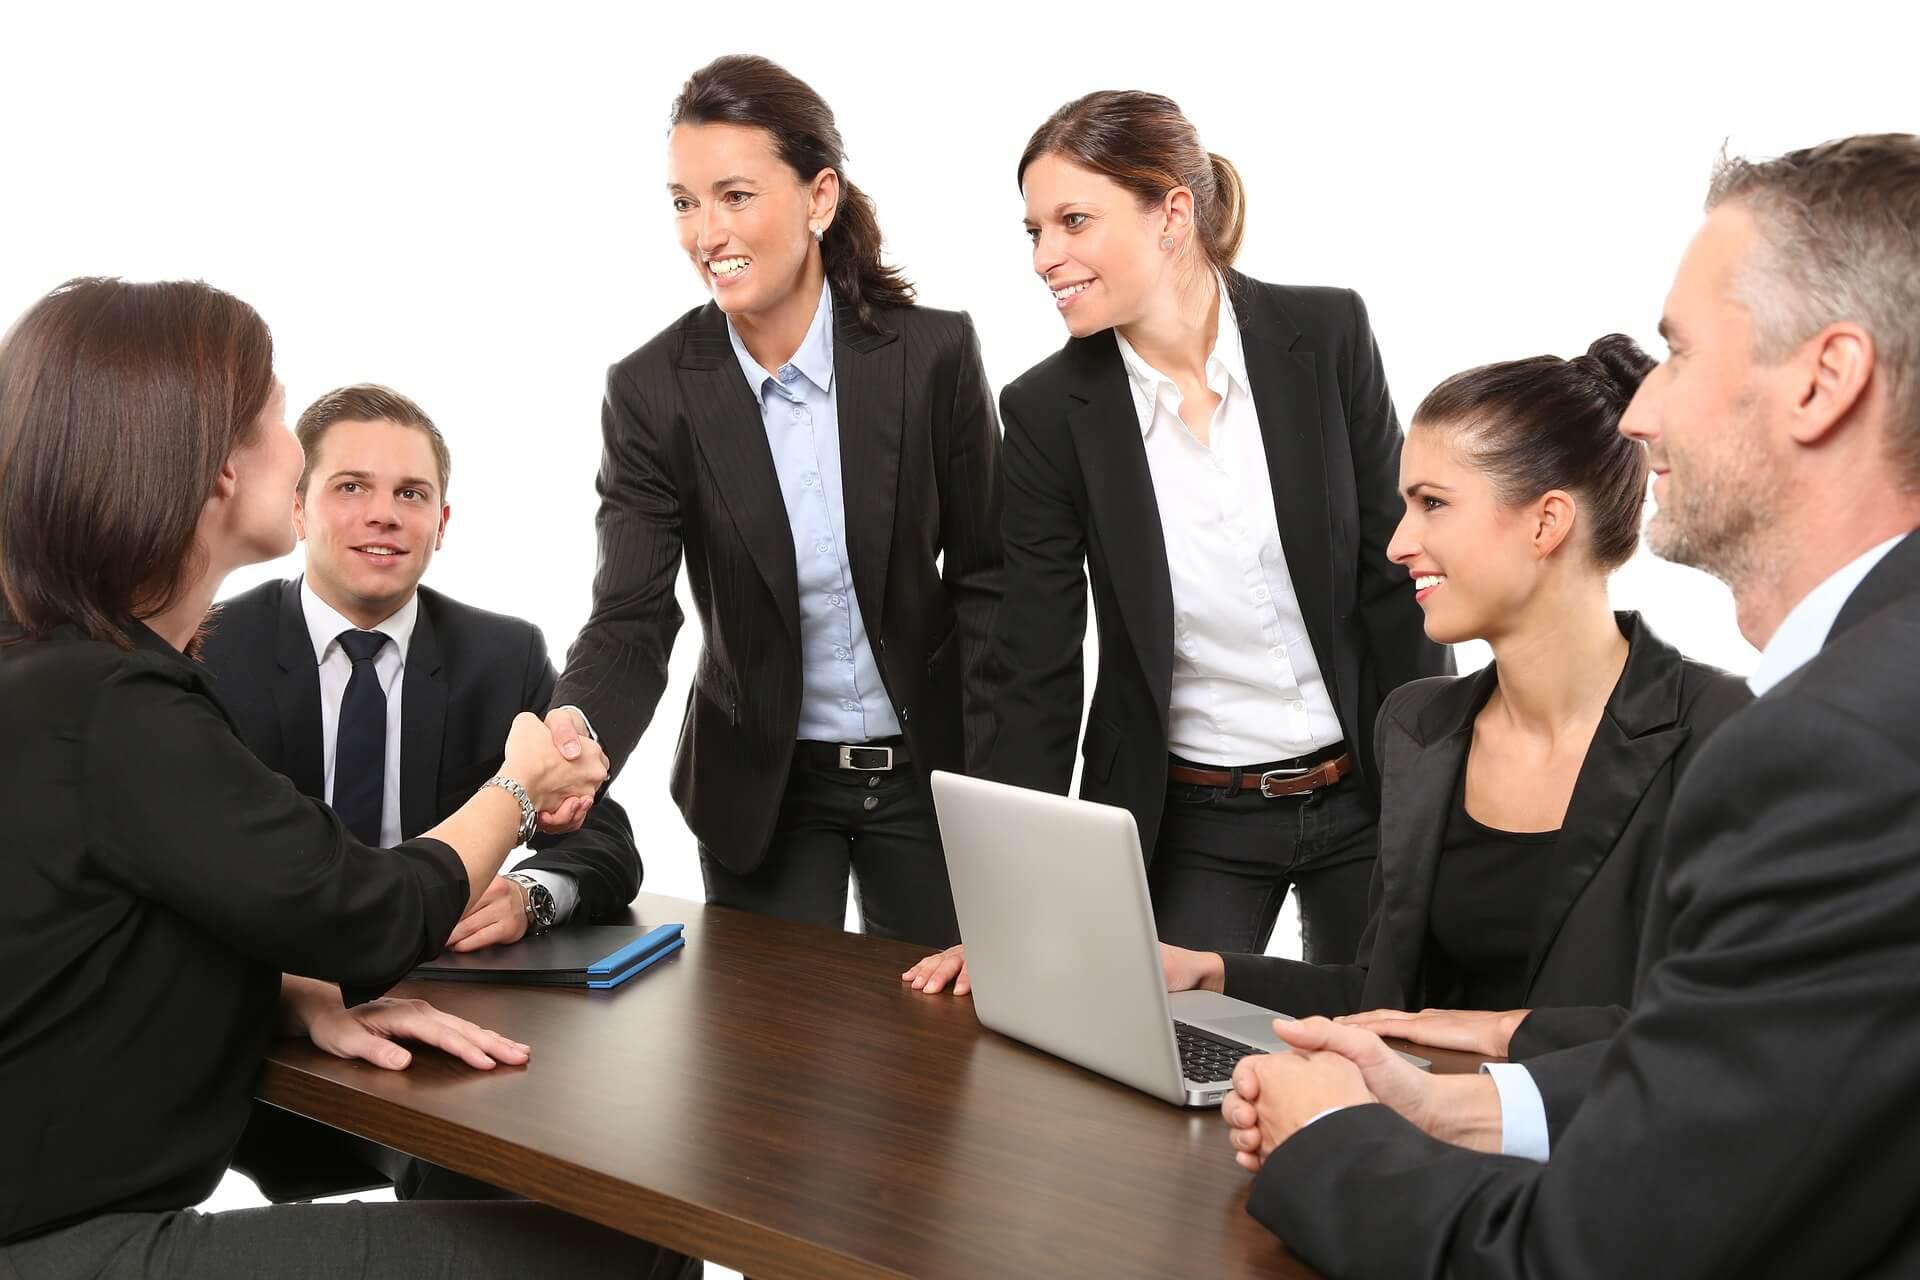 Berufsunfähigkeit, Angestellter